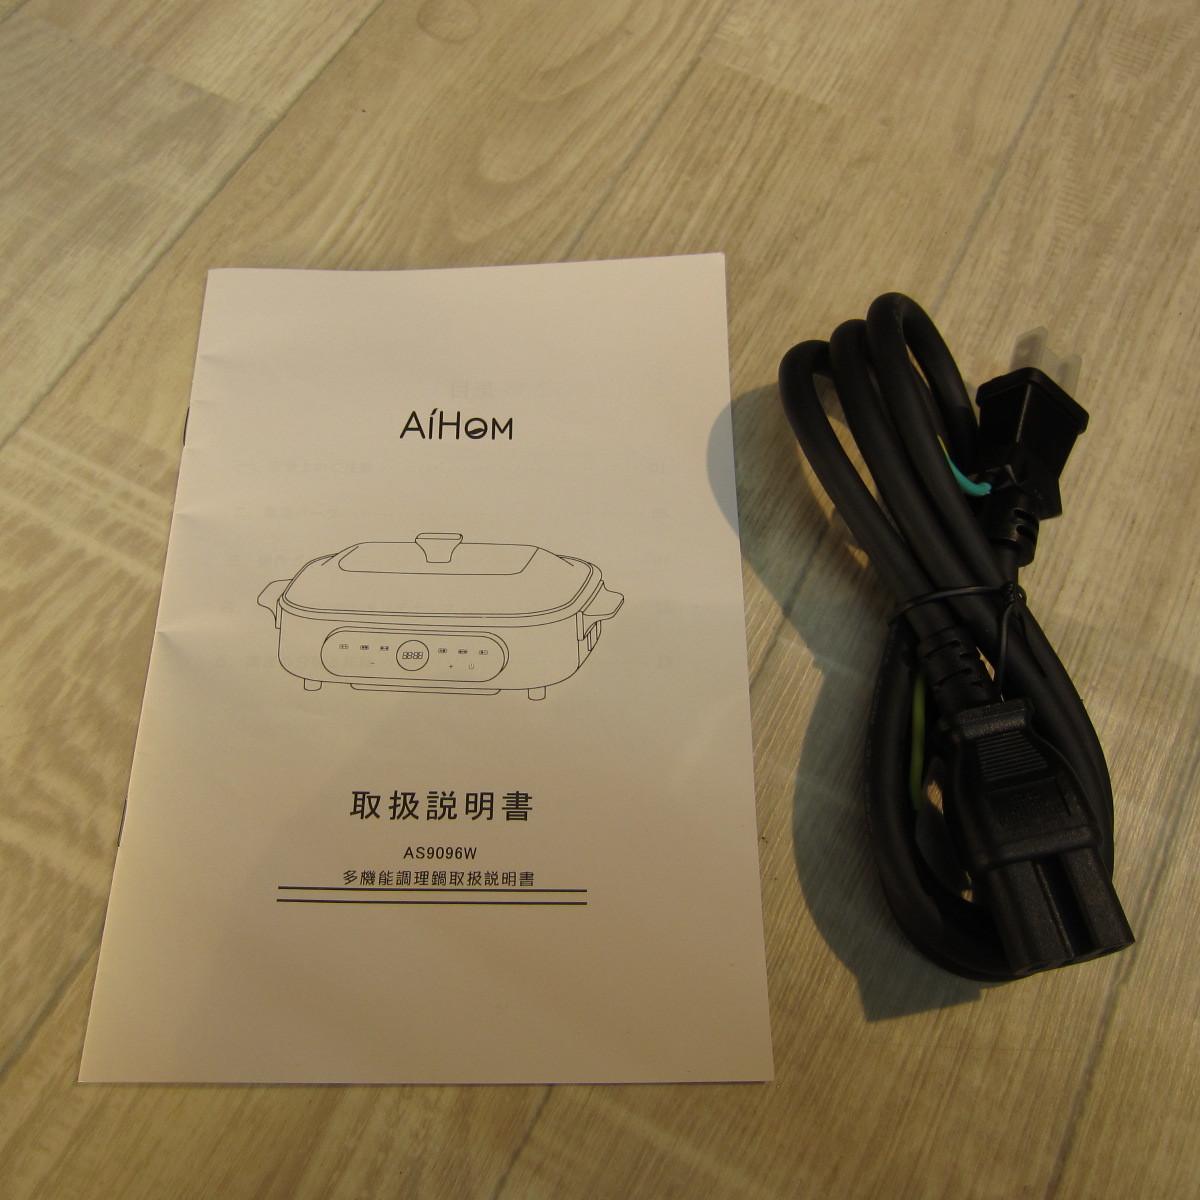 S5048【未使用】AIHOM ホットプレート 平面+たこ焼き器プレート (約)幅38×奥行26×高さ17cm 2.5L 白 蓋付き